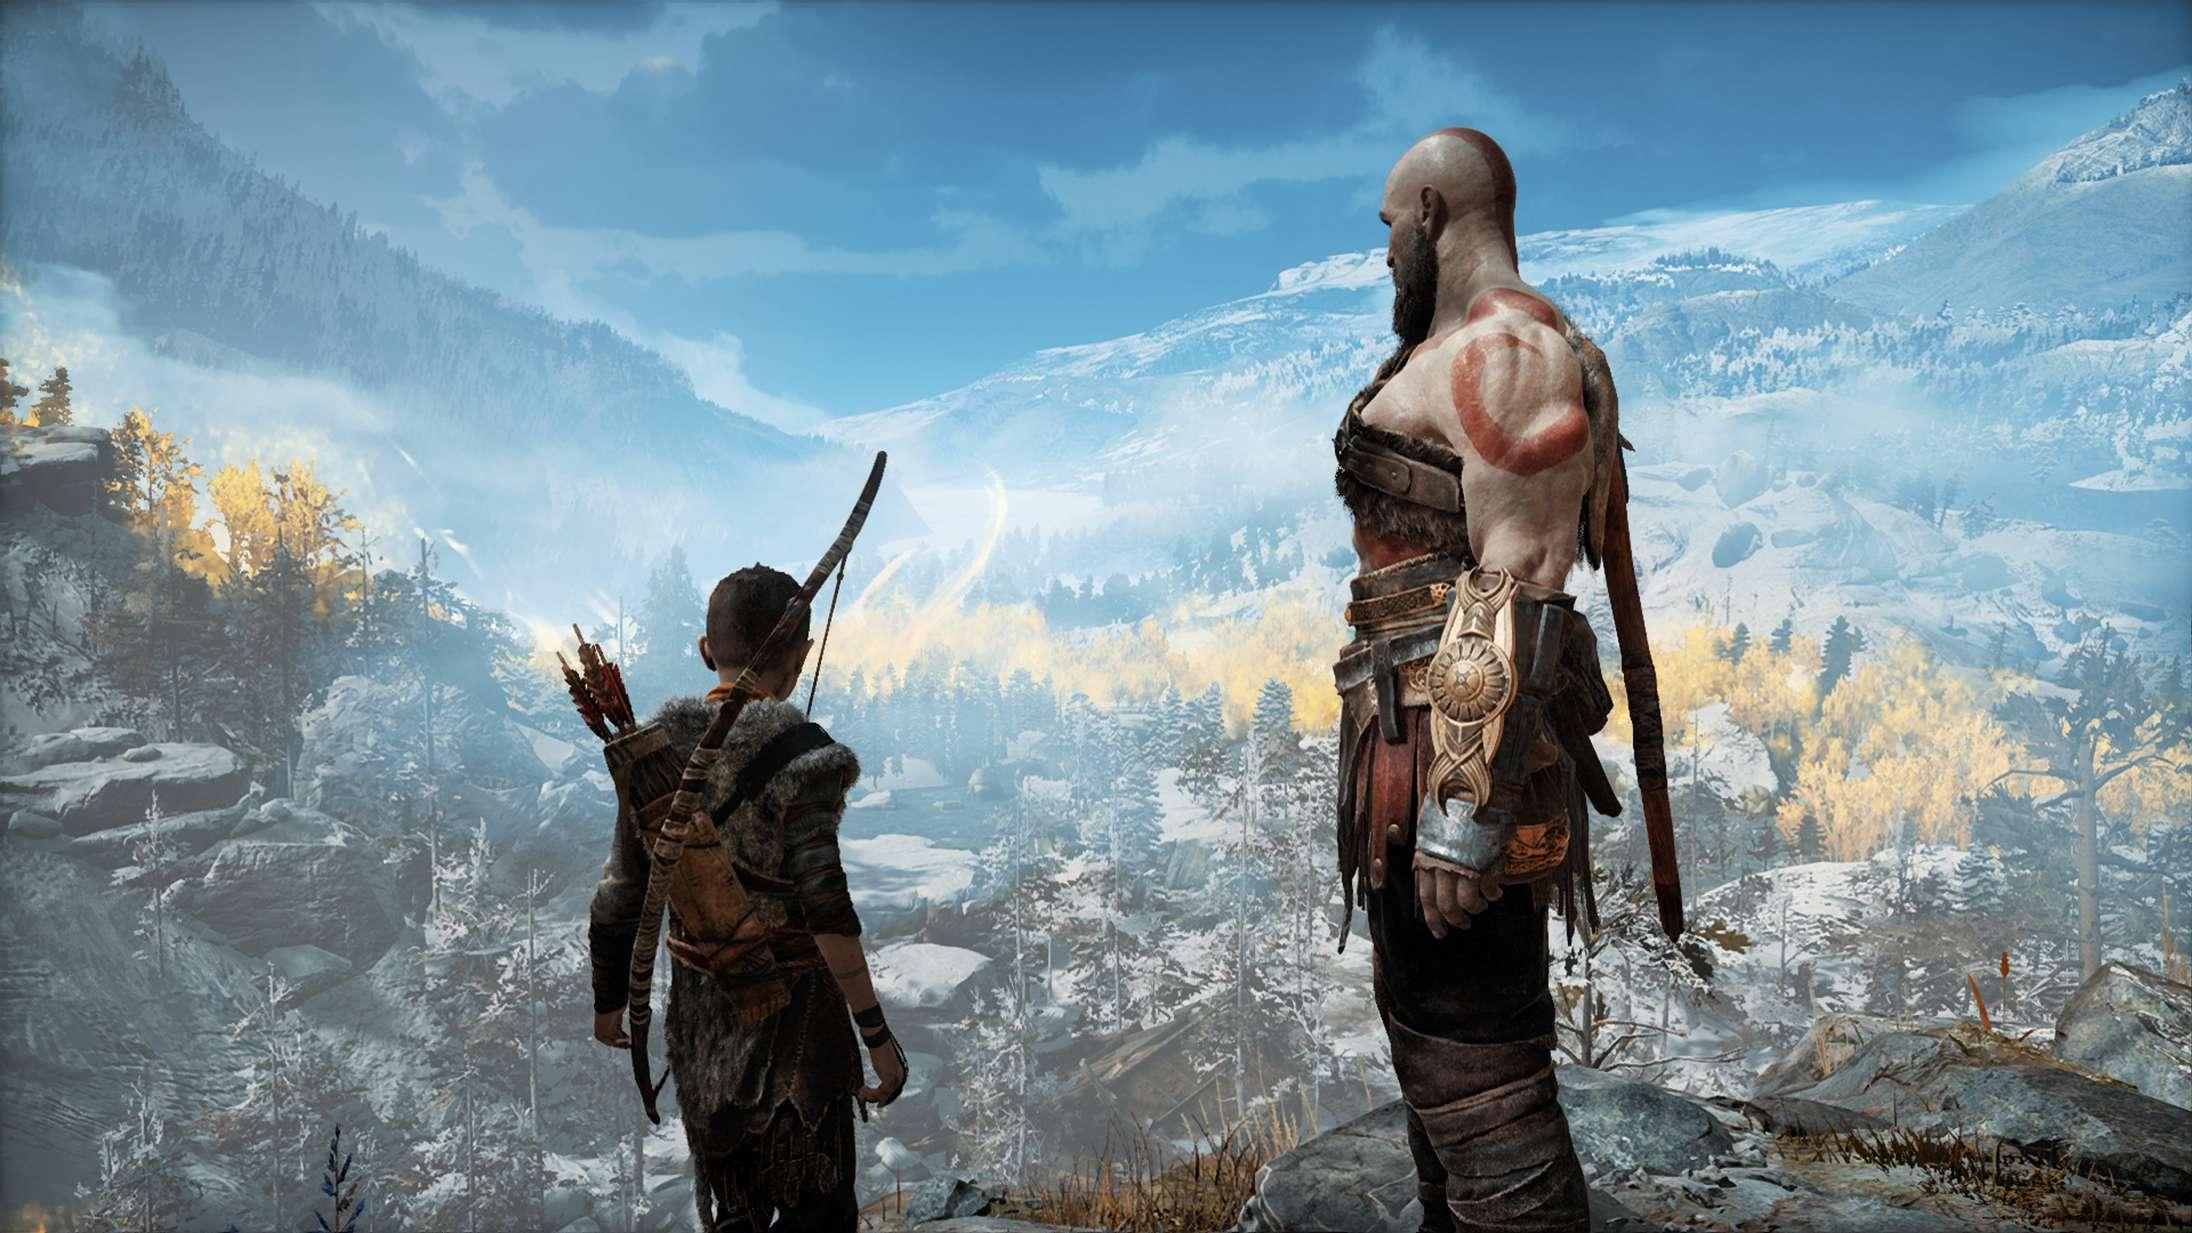 Tre ildevarslende tegn tyder på, at 'God of War: Ragnarök' ikke udkommer i 2021